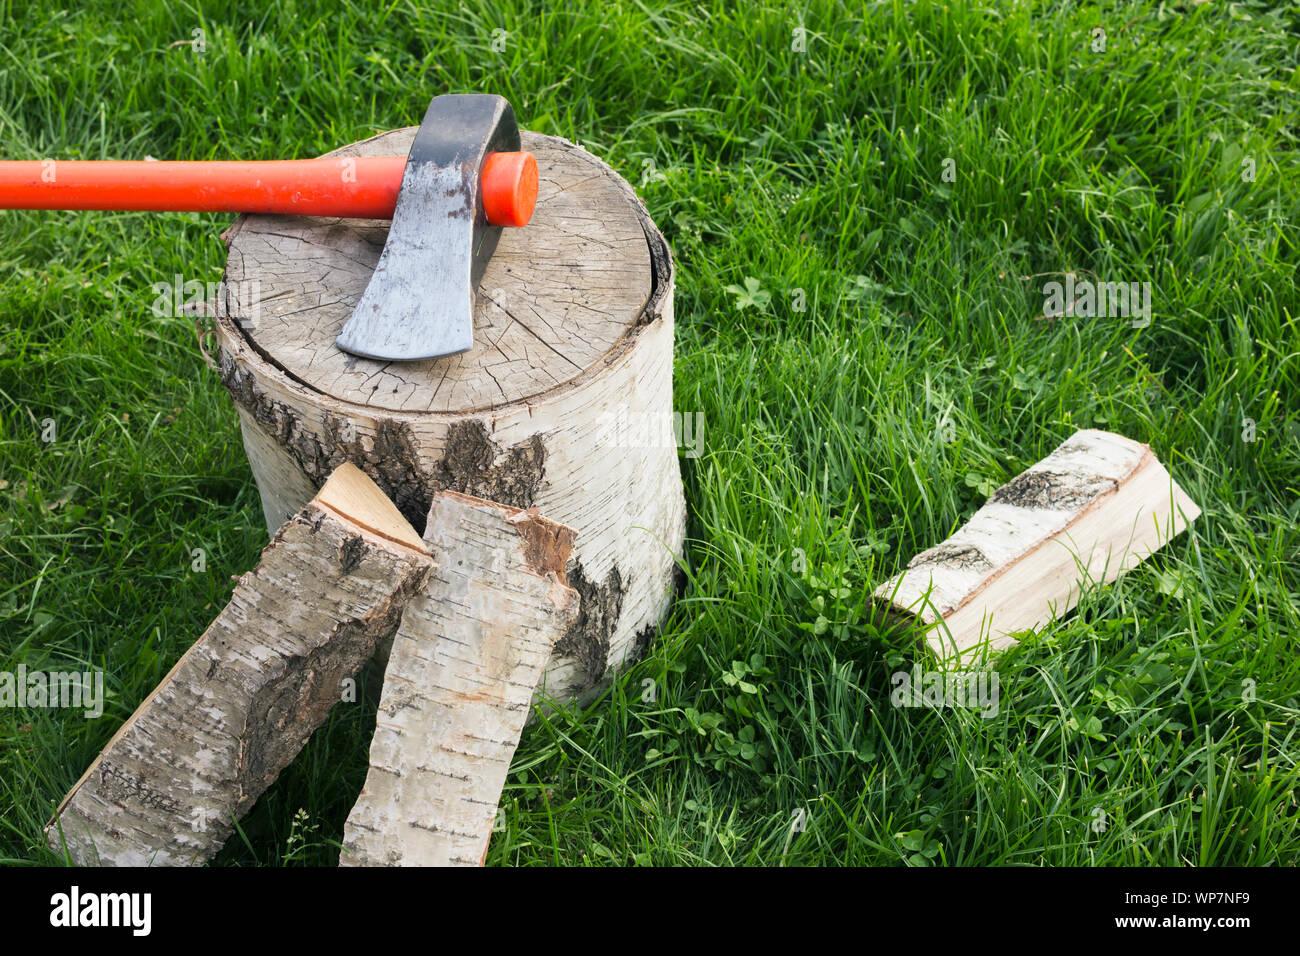 Fendre avec une hache et le fractionnement du bois de chauffage sur l'herbe. Grumes de bouleau Banque D'Images